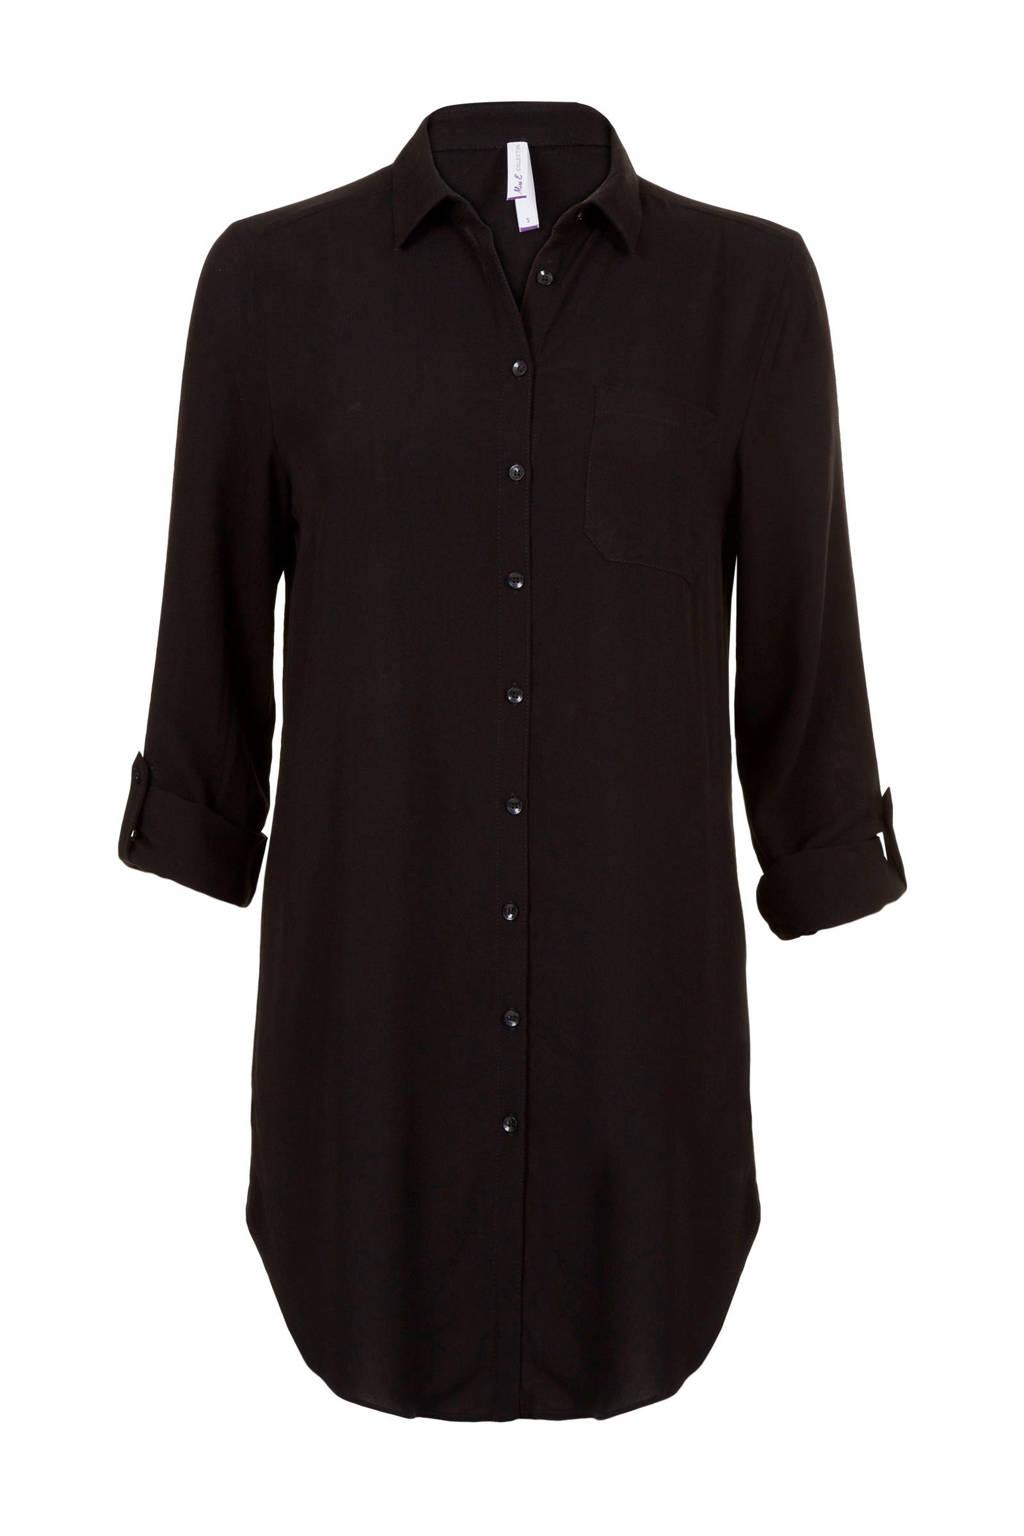 Miss Etam Regulier blouse zwart, Zwart